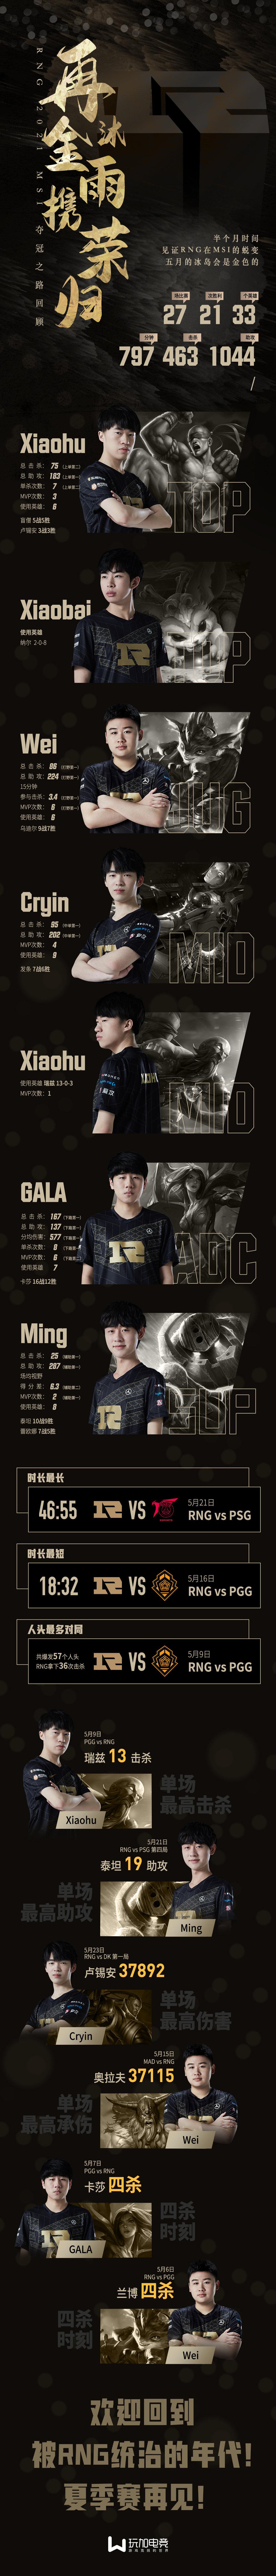 RNG夺冠之路回顾:选手们多项数据位列同位置第一